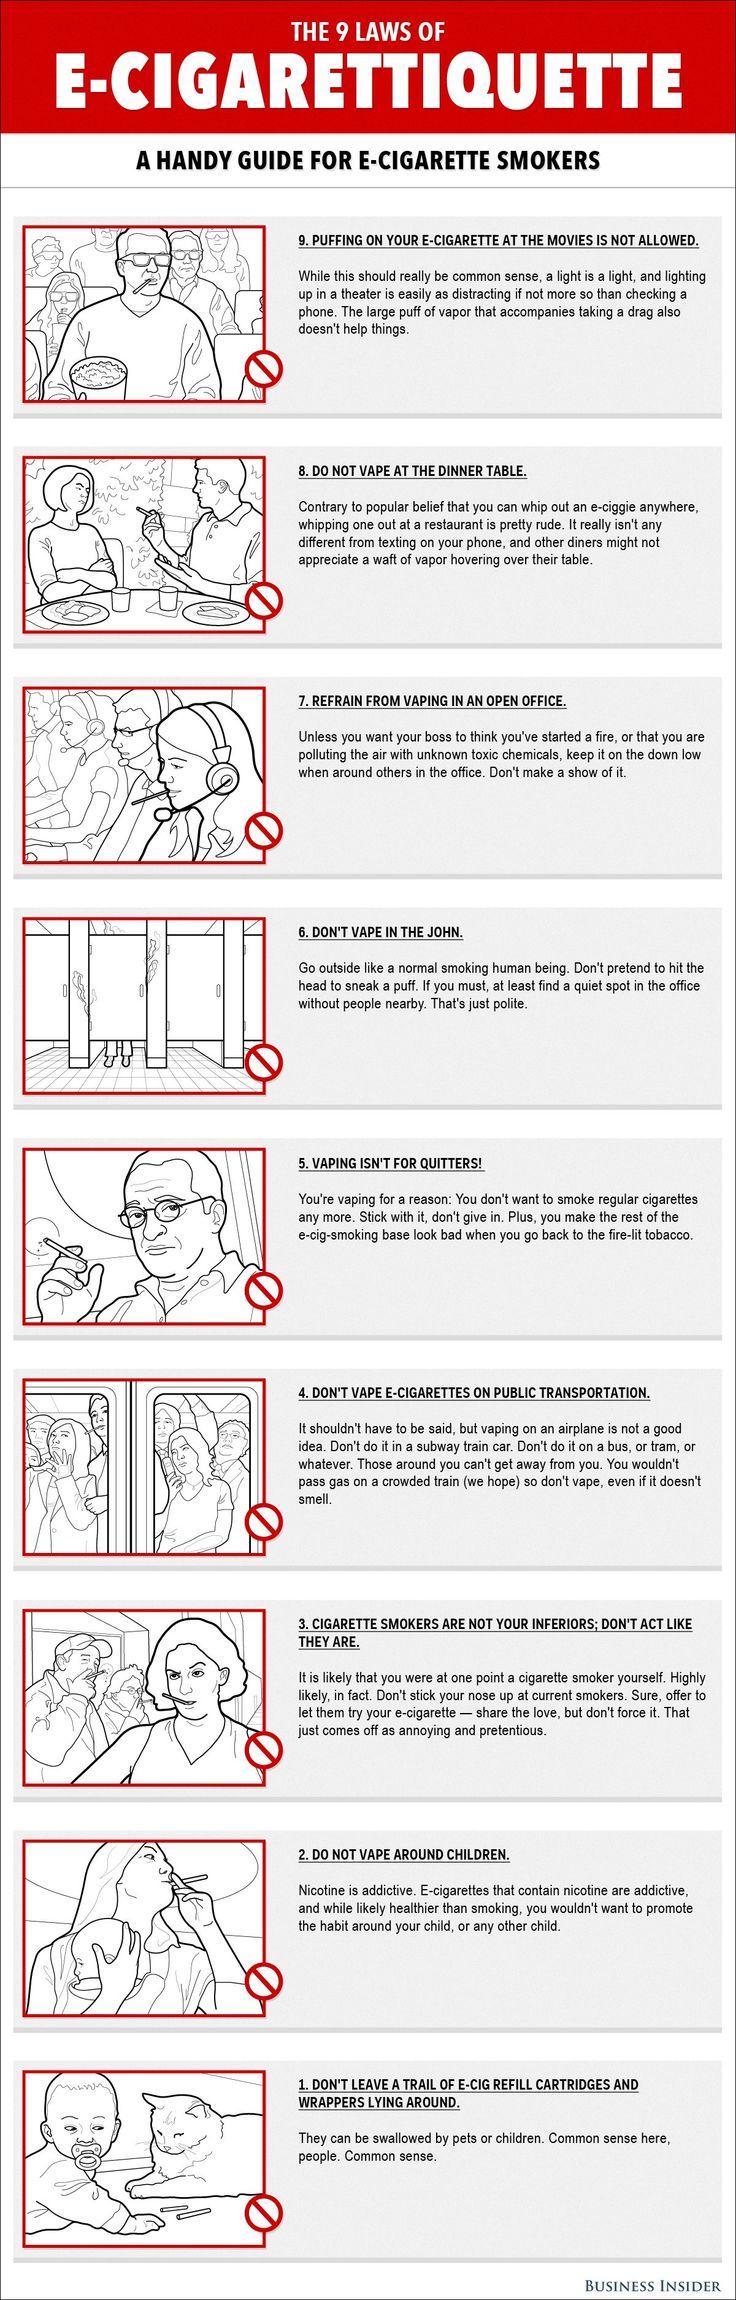 9 Laws Of E-Cigarettiquette